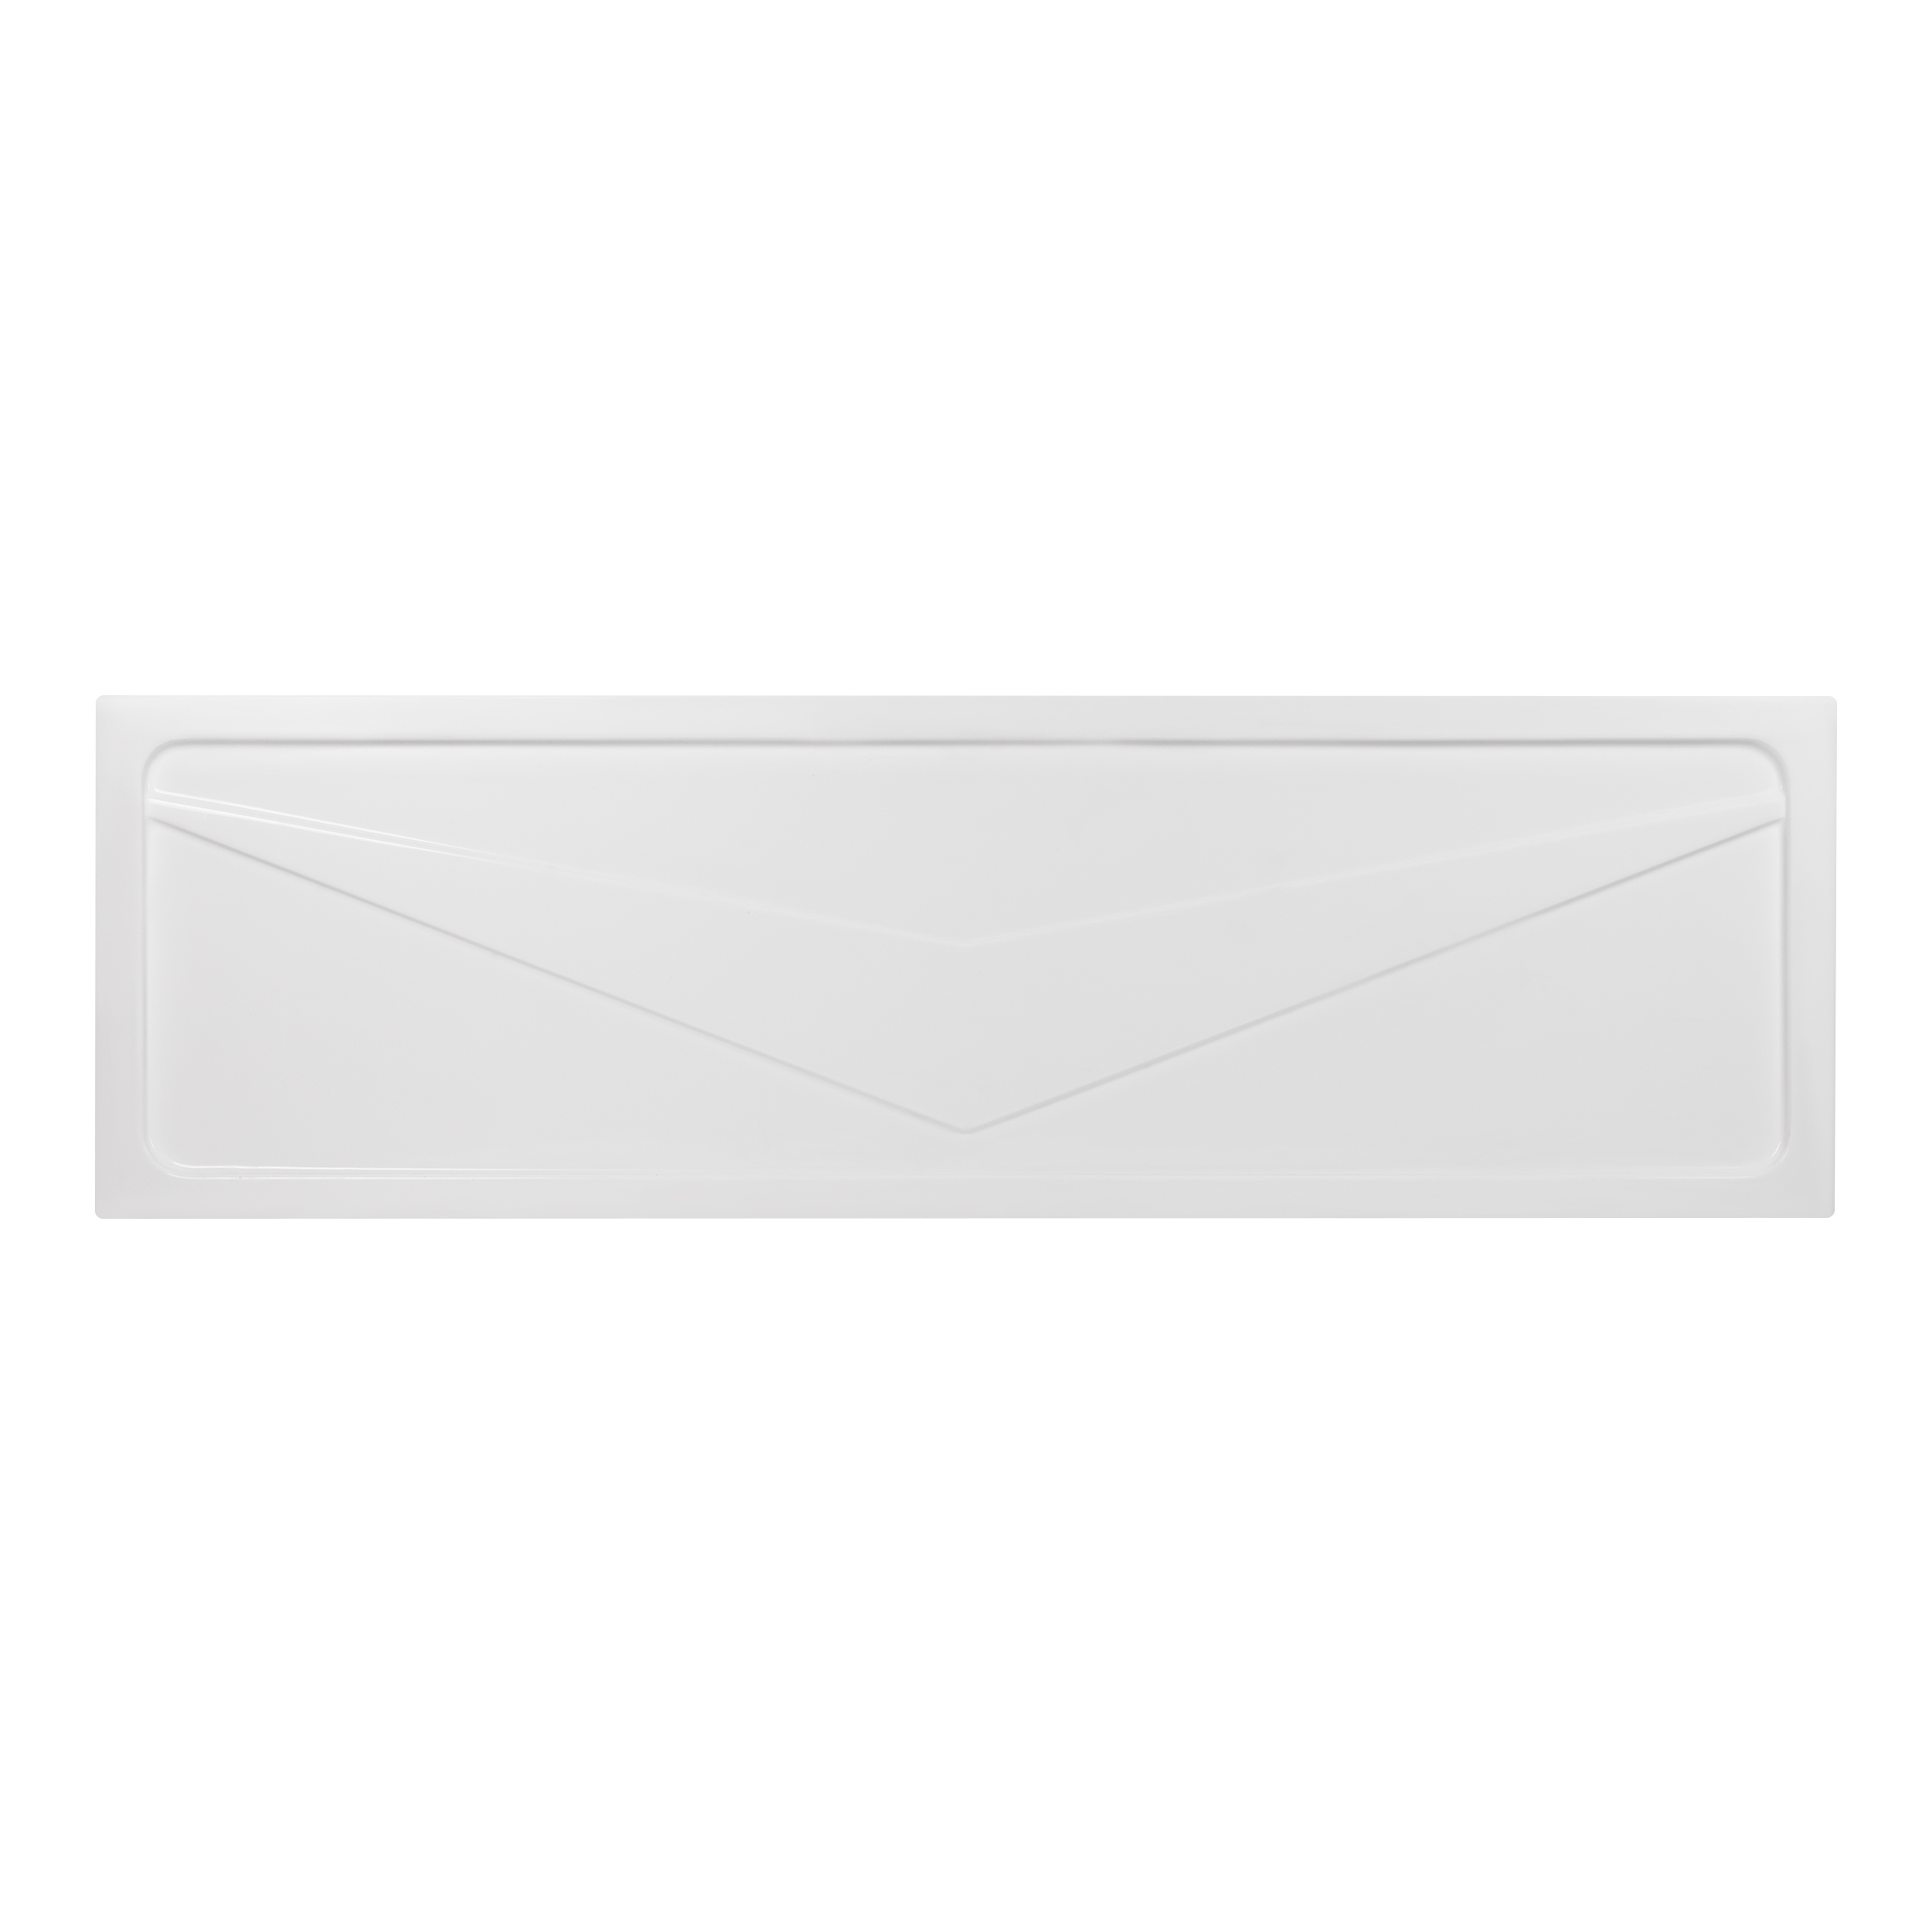 Панель для ванны фронтальная Lidz Panel R 160